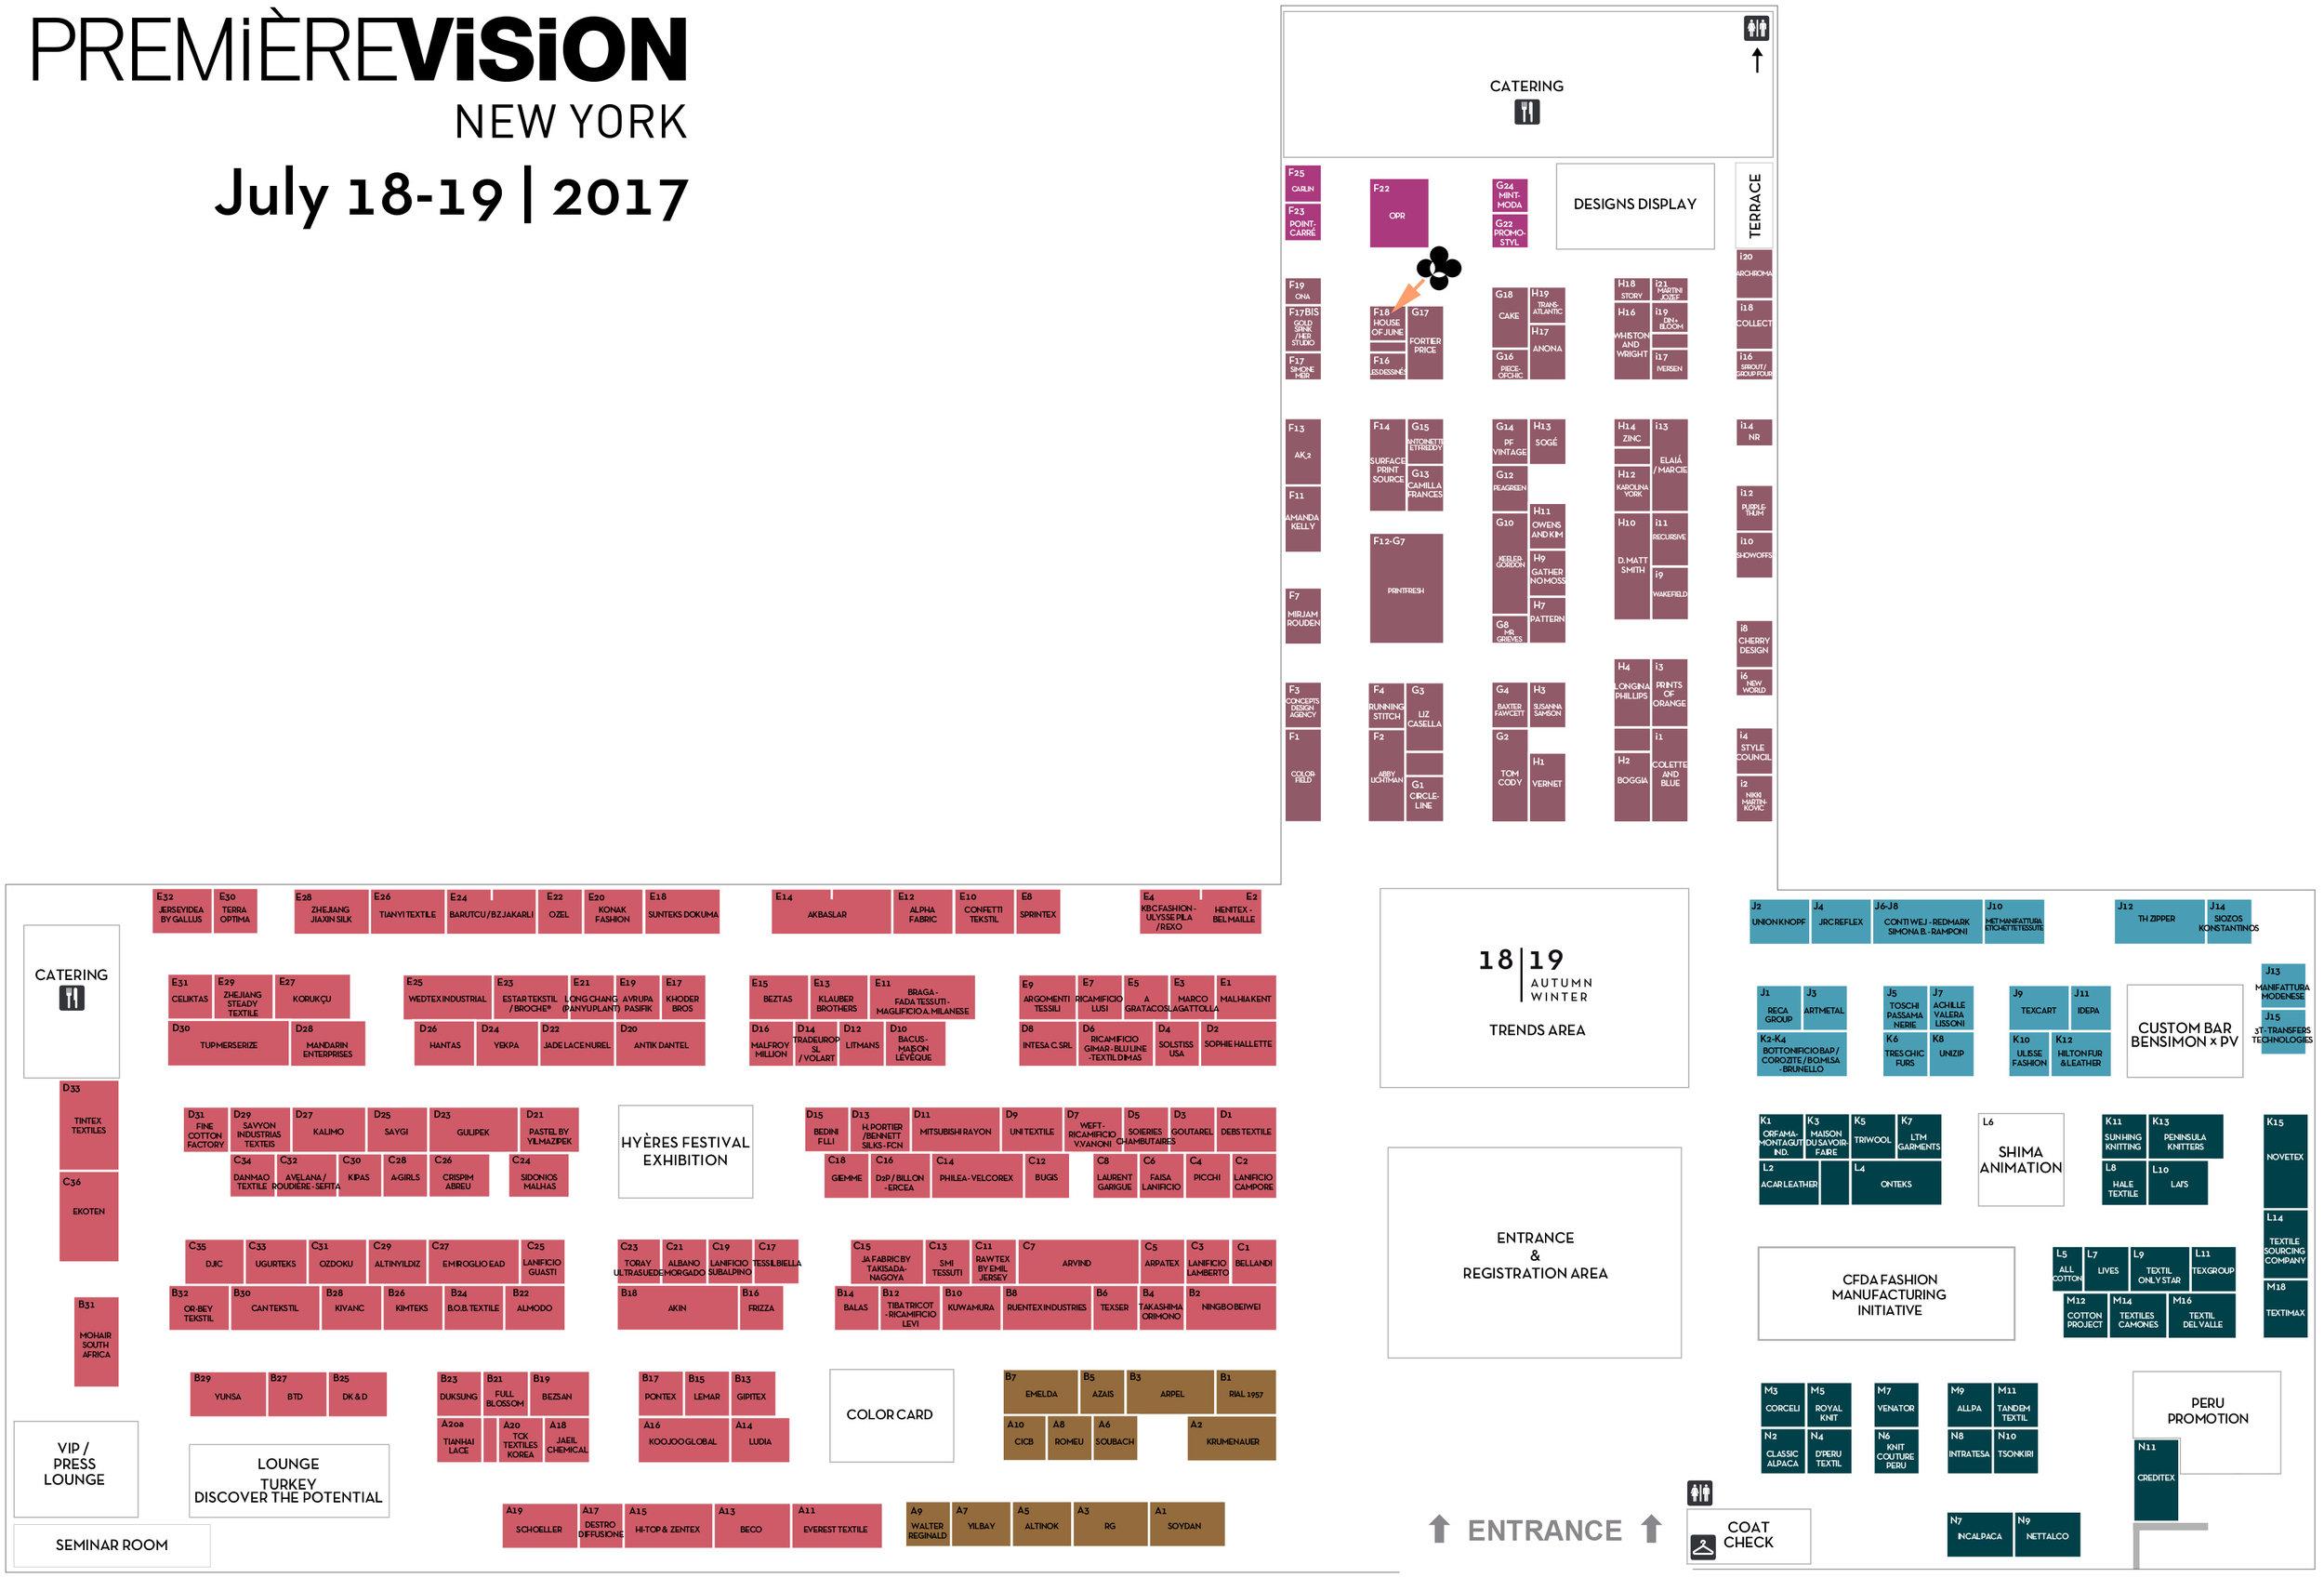 PVNY-201707-FLOORMAP.jpg